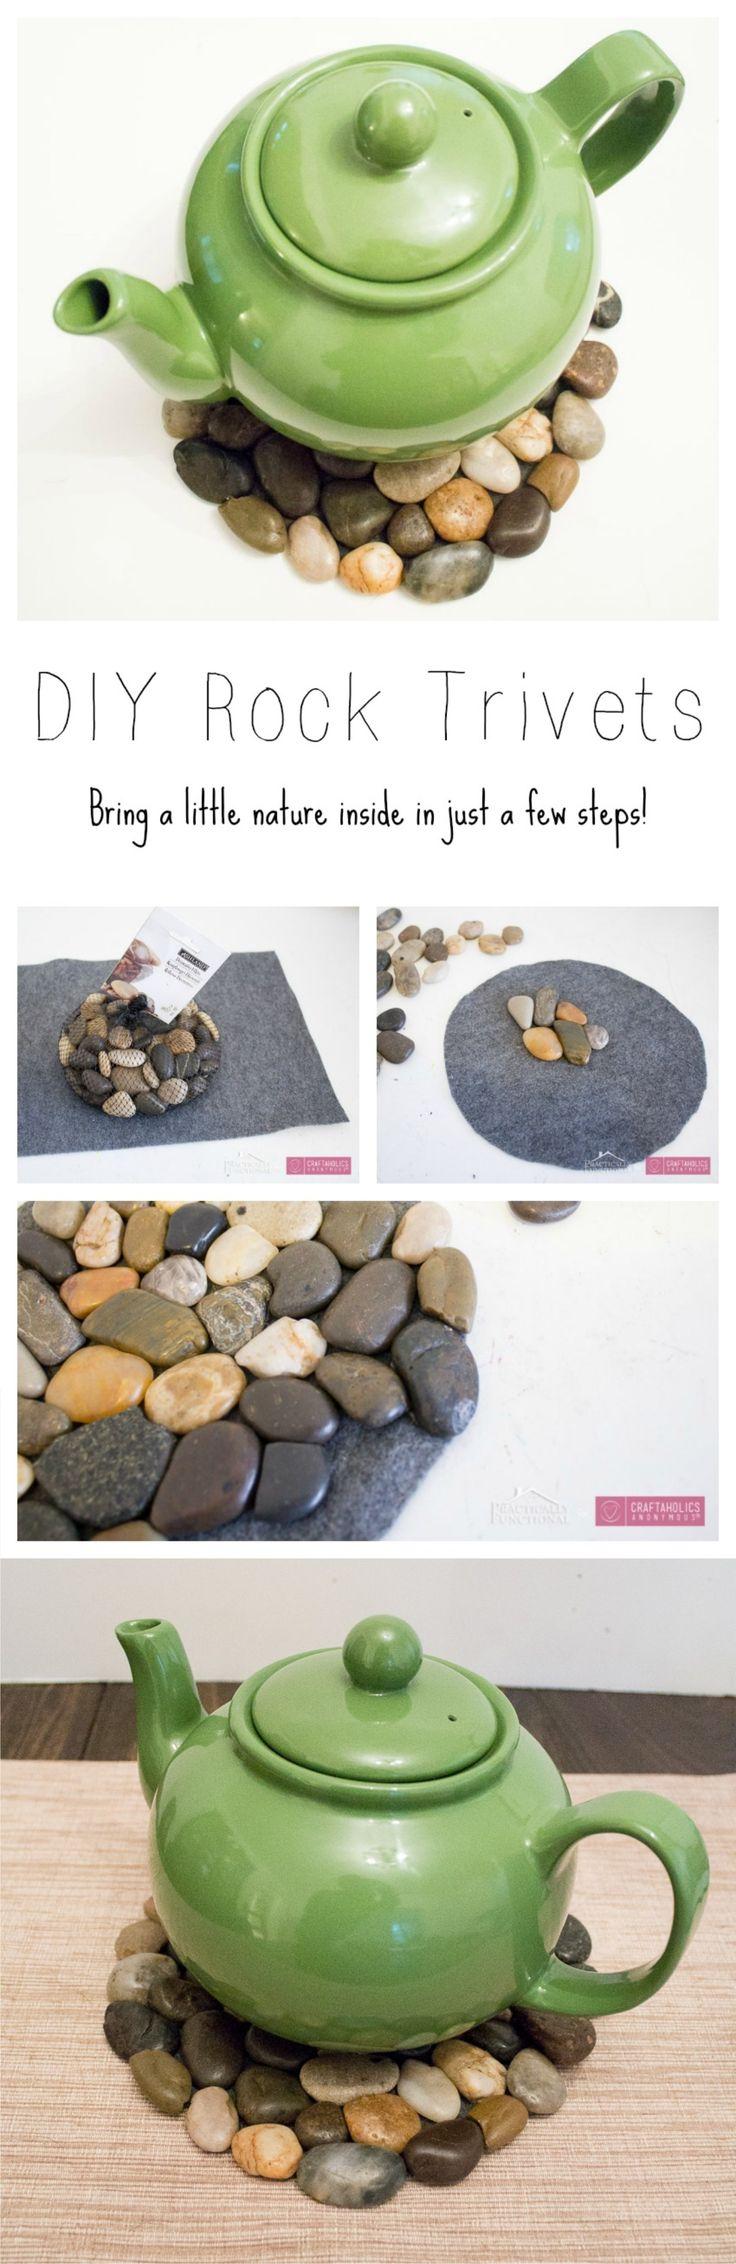 Salvamanteles con piedras decorativas / Vía http://www.craftaholicsanonymous.net/